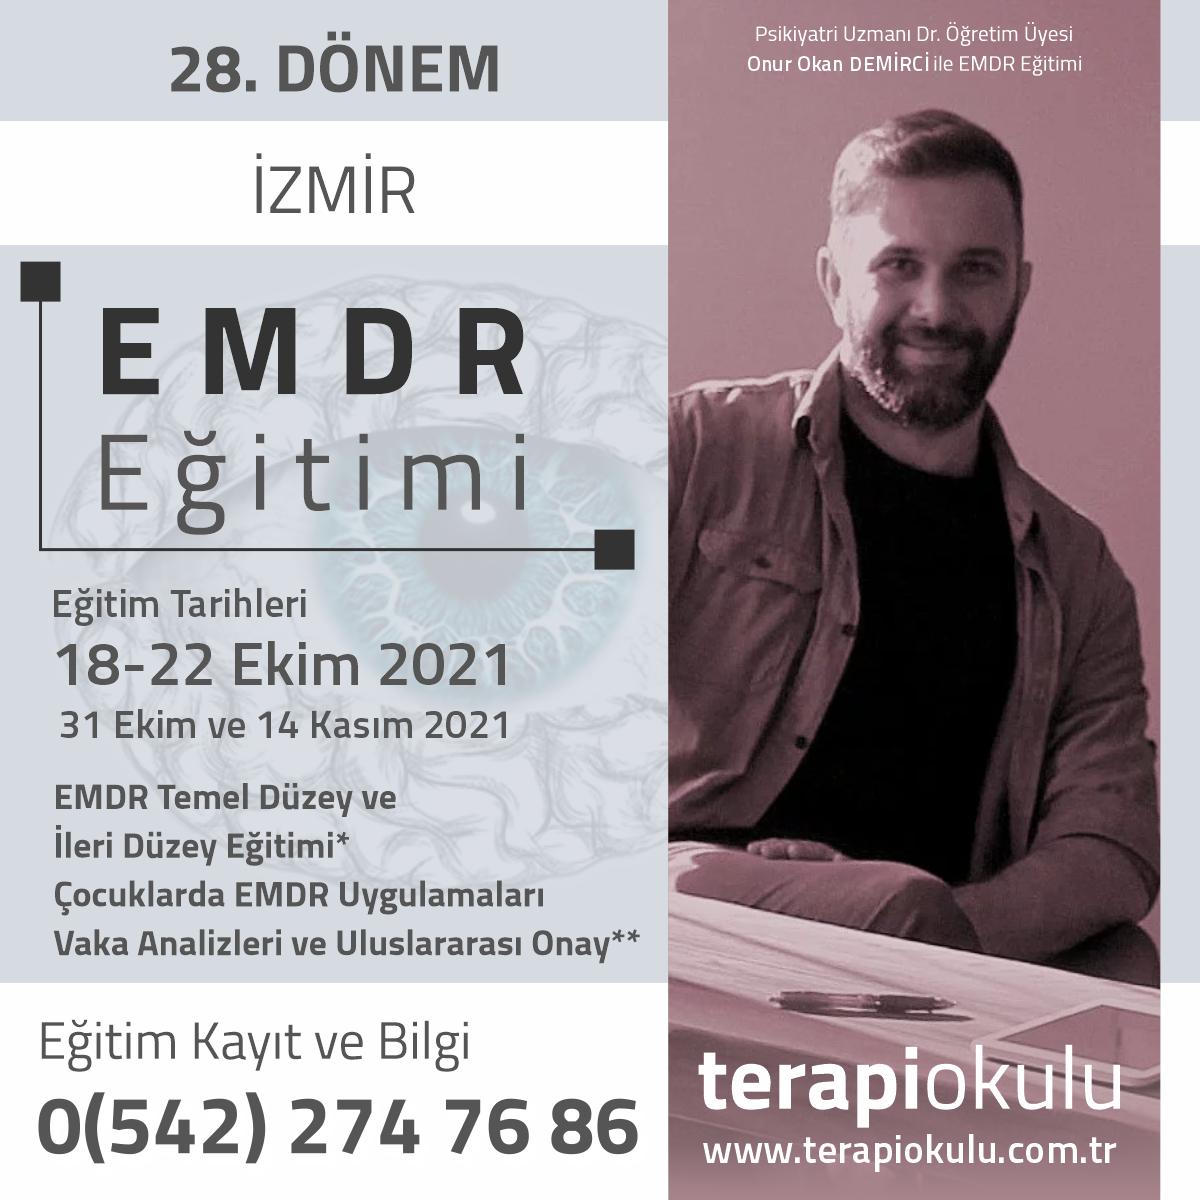 EMDR Eğitimi İzmir 28